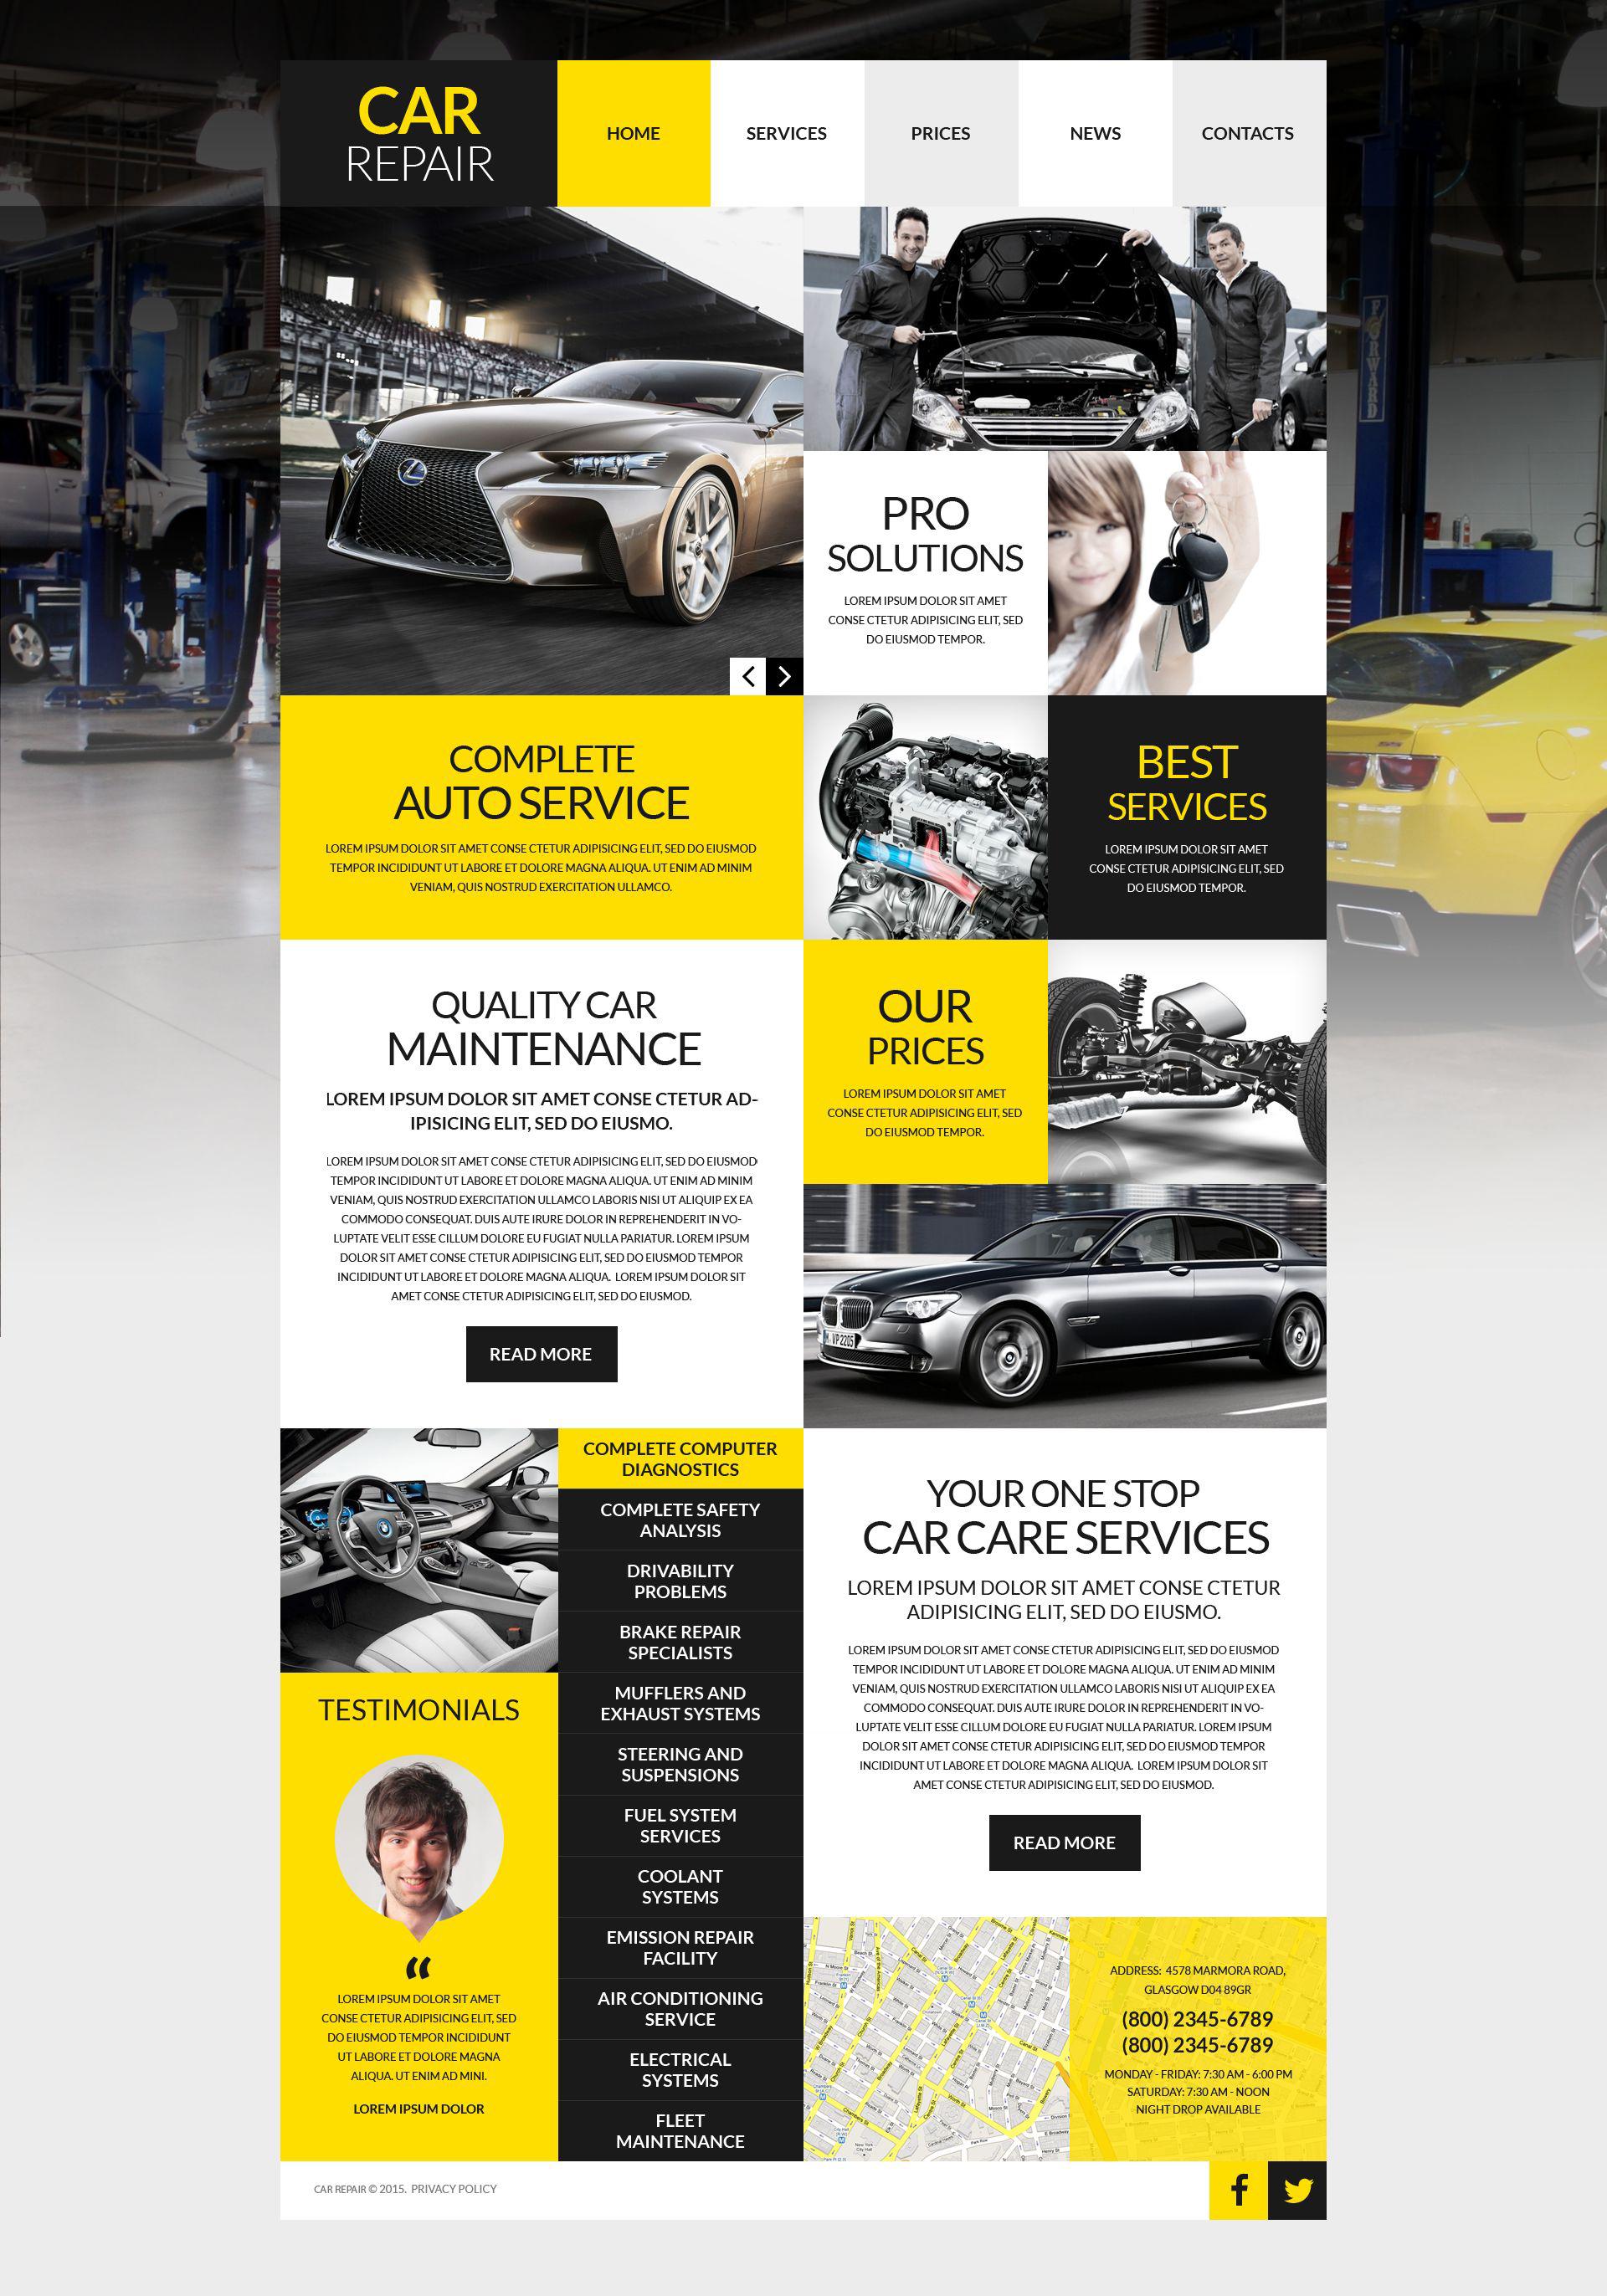 Car Repair Psd #55866 - Ekran resmi